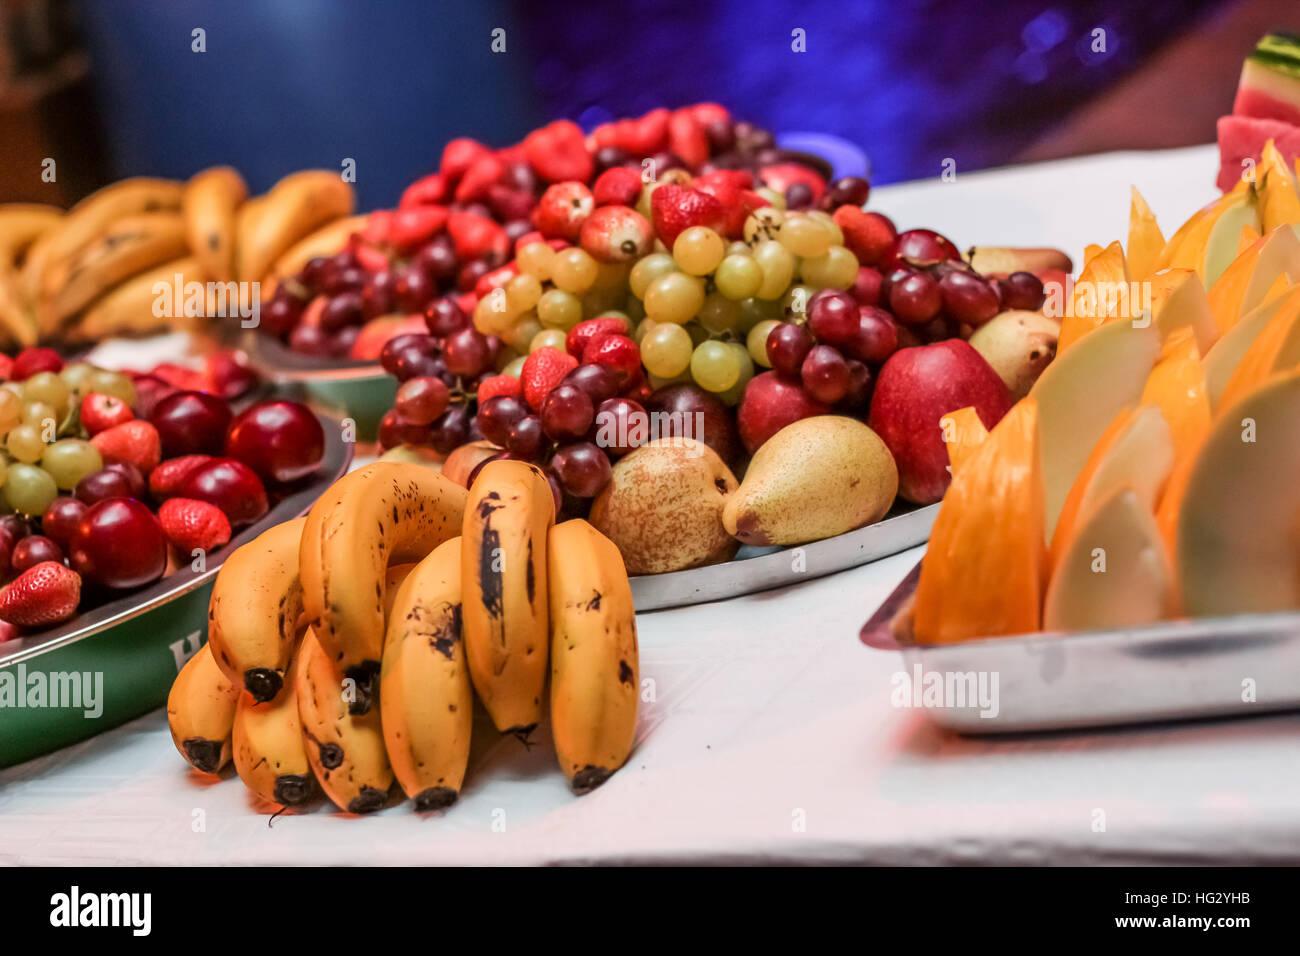 Diversos frutos en la mesa Imagen De Stock